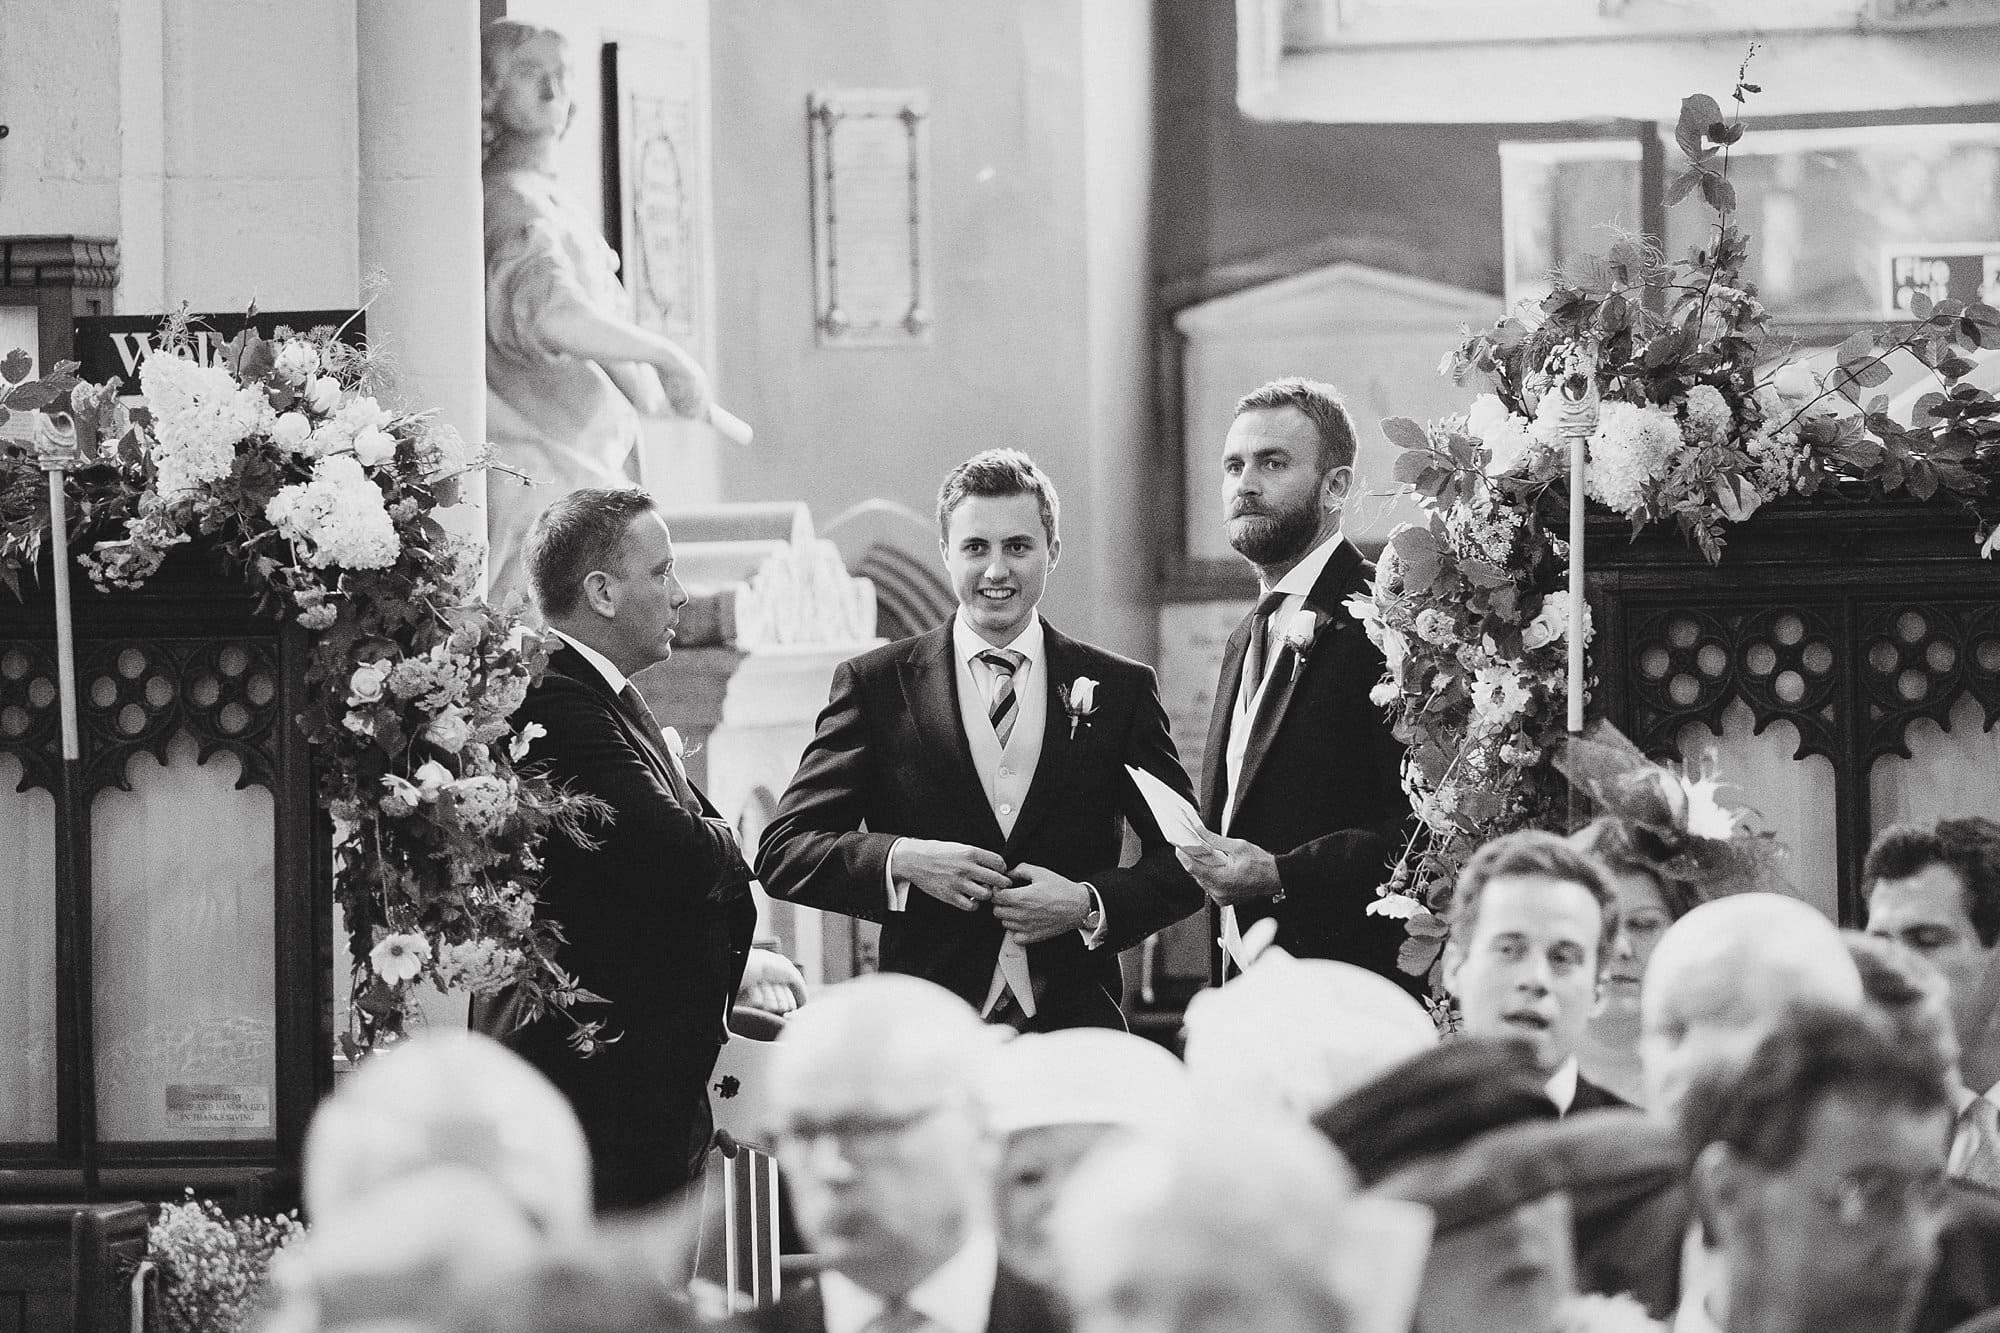 fulham palace wedding photographer 025 - Rosanna + Duncan | Fulham